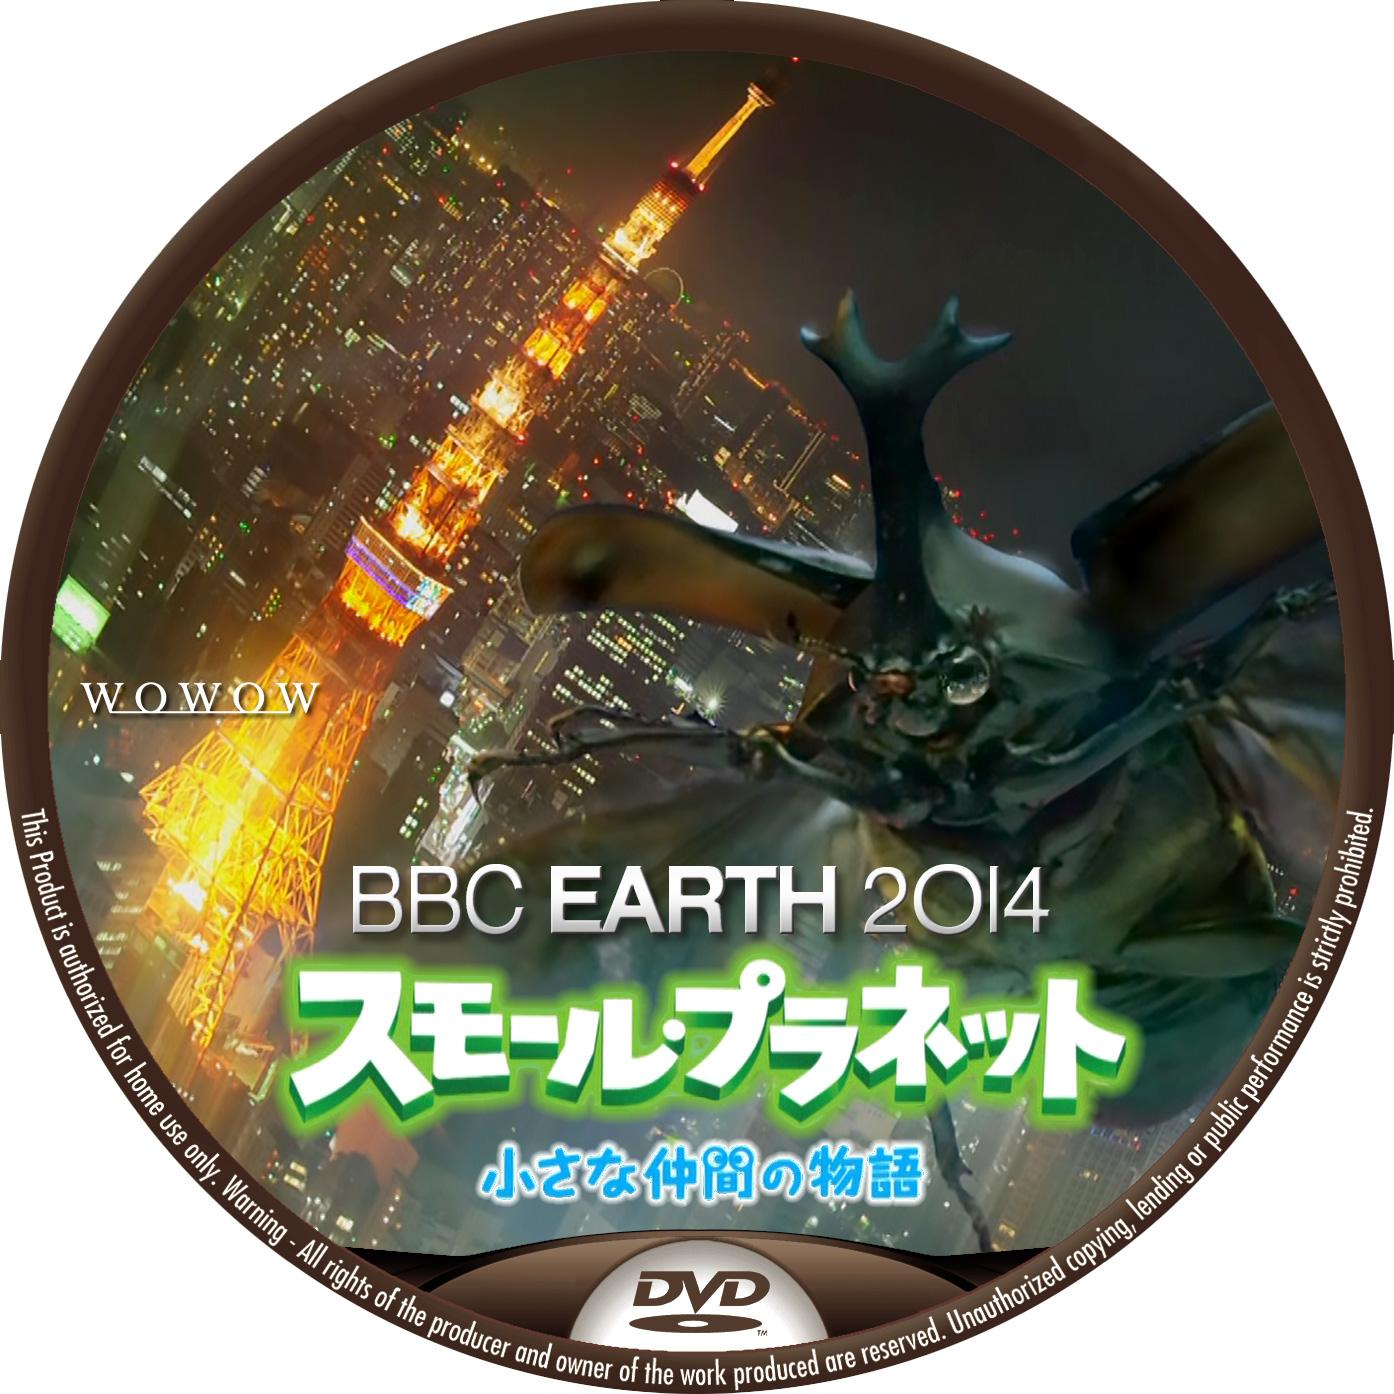 BBC EARTH 2014 スモールプラネット 第3話 DVDラベル